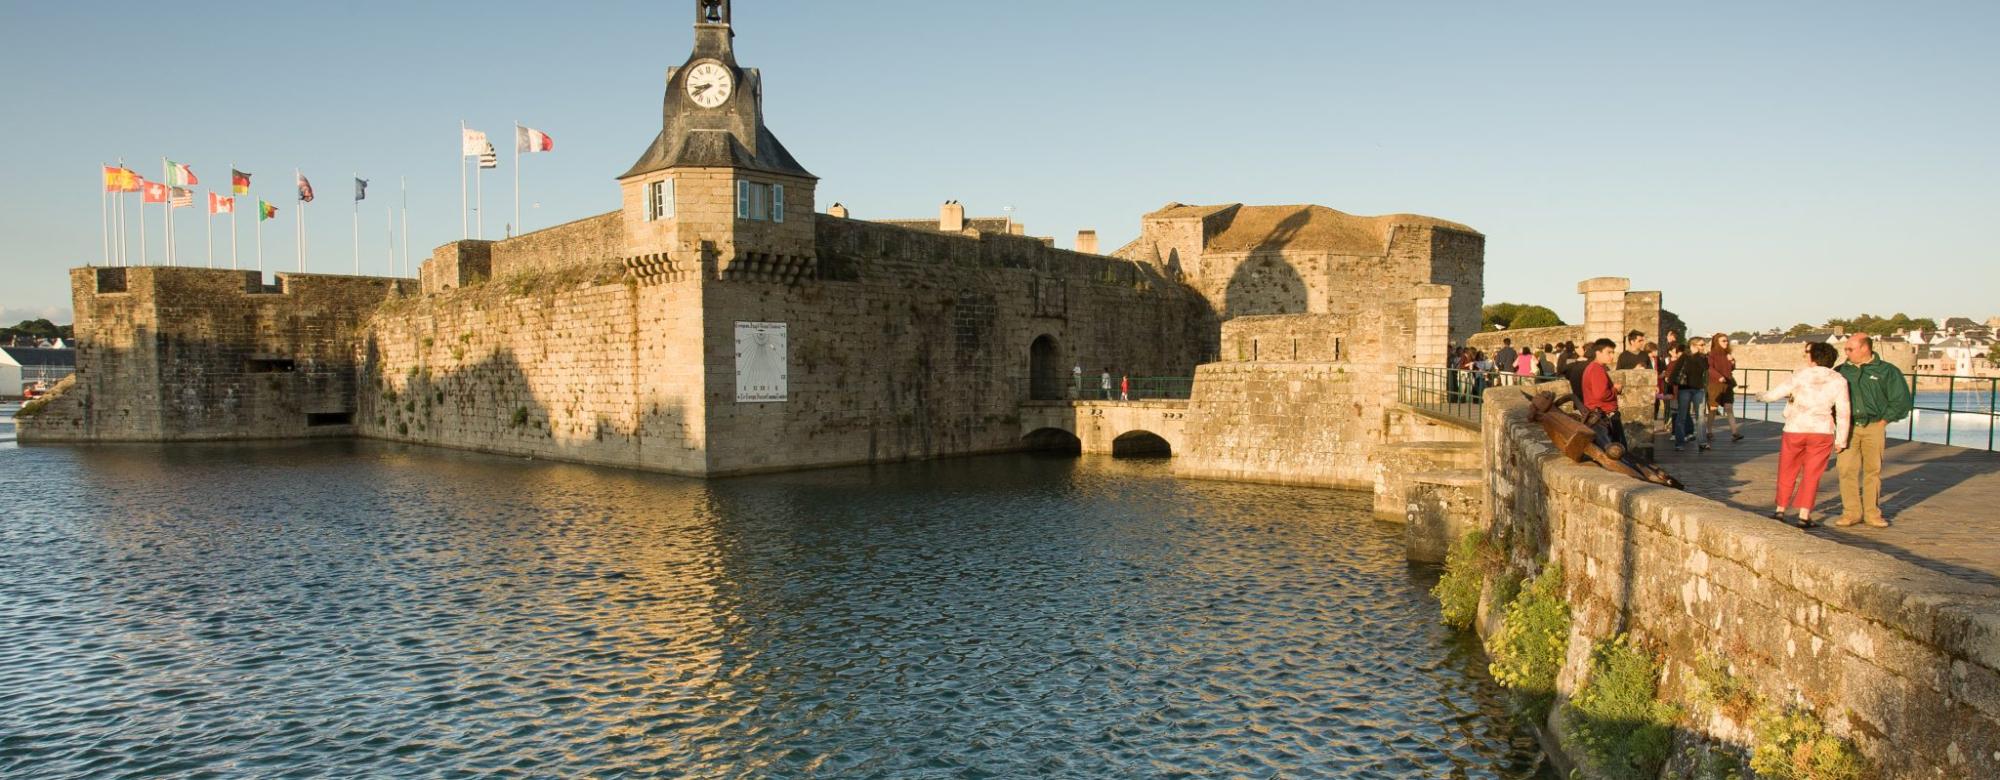 La ville close de Concarneau.